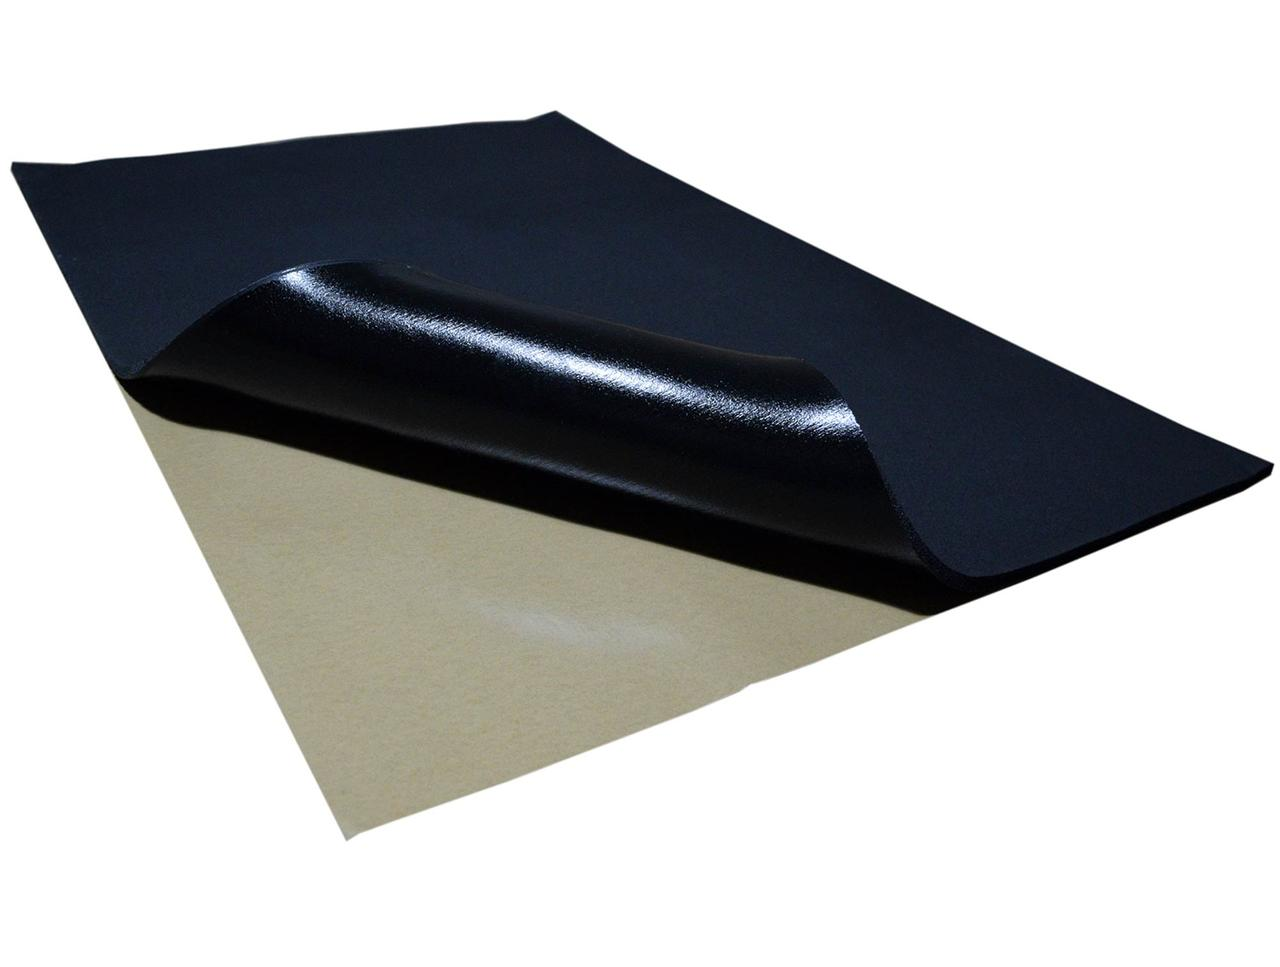 Тепло-шумоизоляция из вспененного каучука 800x500х6мм SoundProOFF (sp-flex-sh-6)